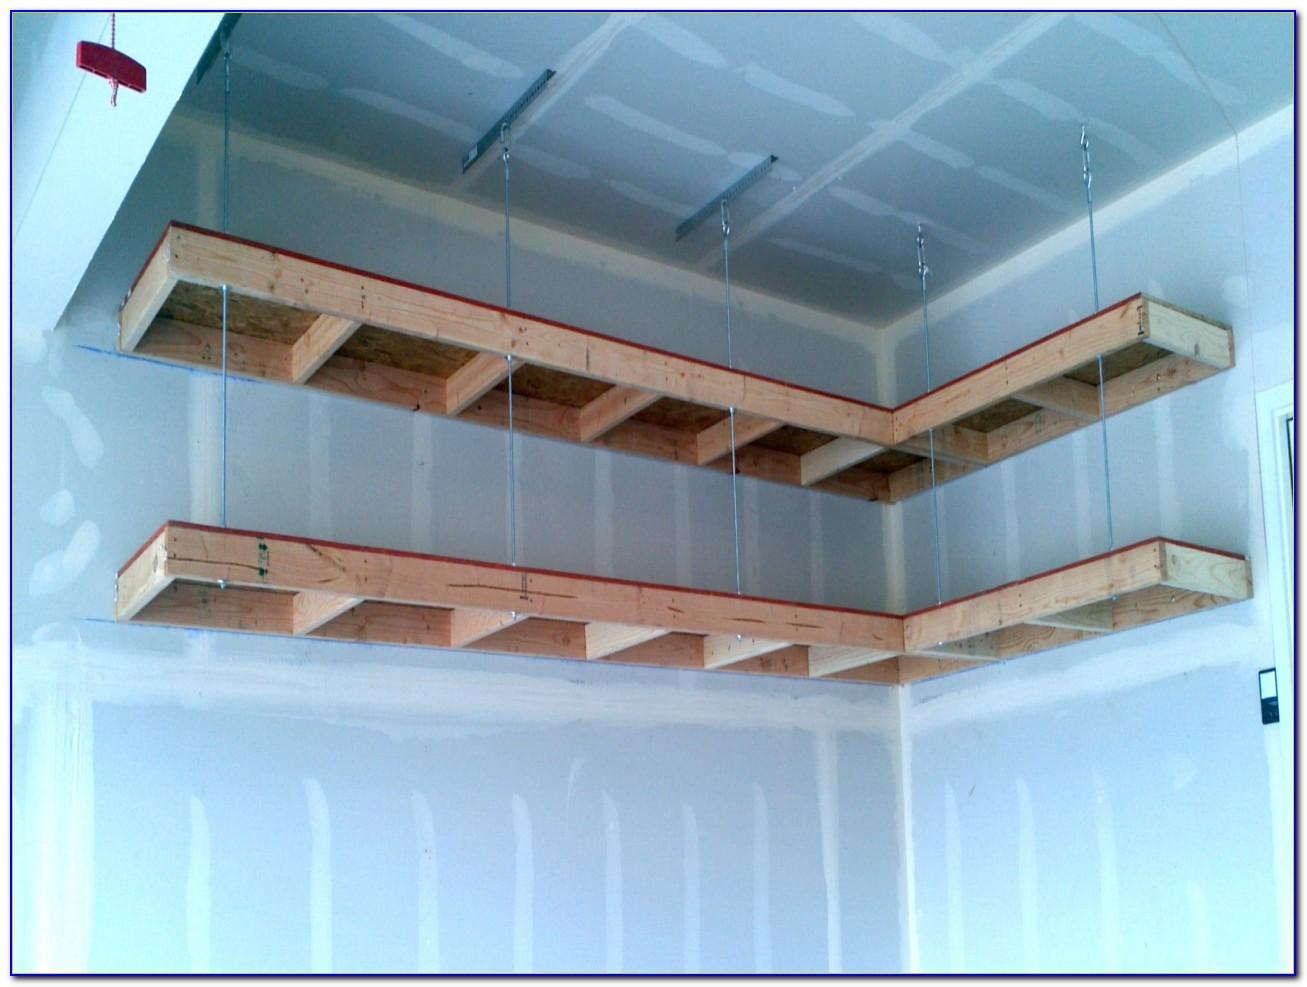 Kayak Garage Ceiling Storage Rack